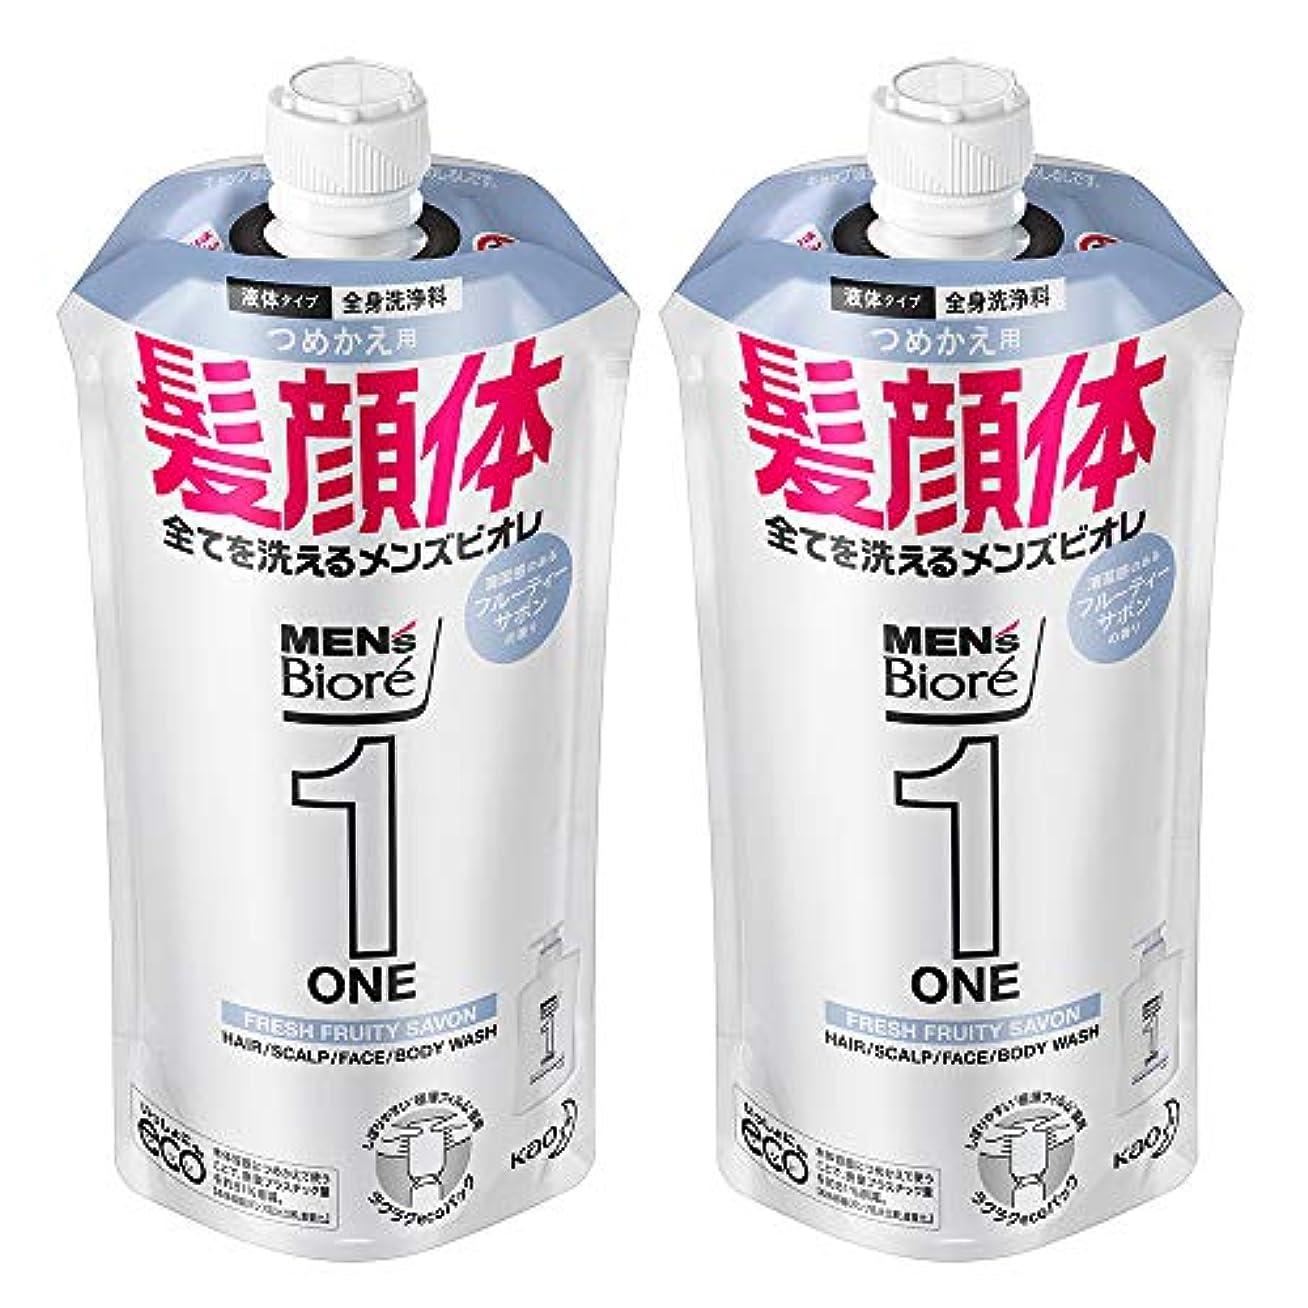 粉砕するレタッチ辛な【まとめ買い】メンズビオレ ONE オールインワン全身洗浄料 フルーティーサボンの香り つめかえ用 340ml×2個